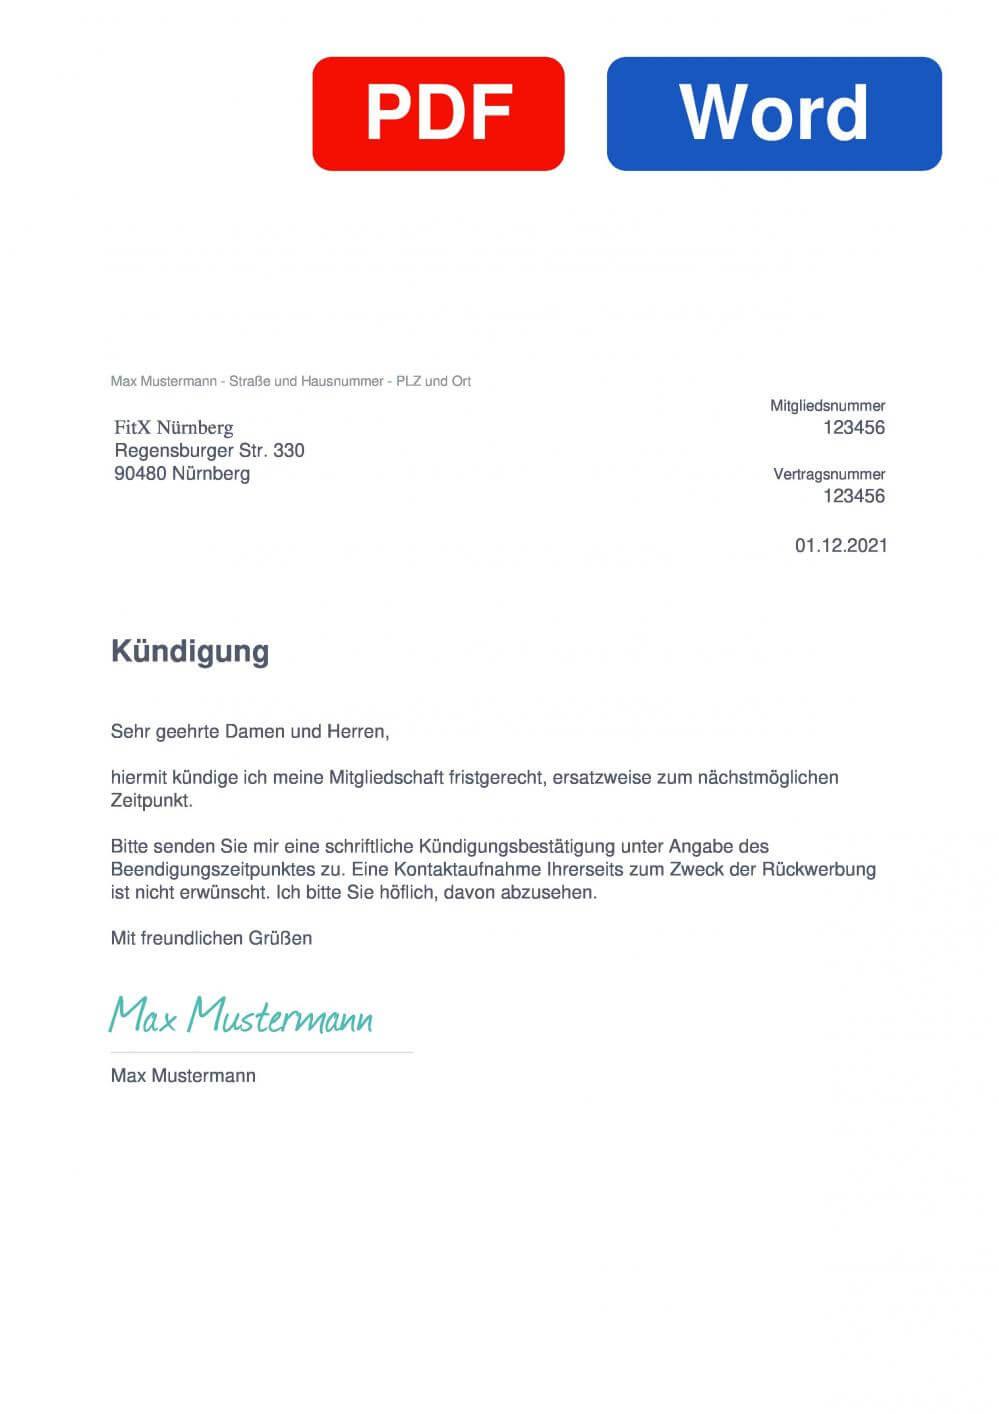 FitX Nürnberg Muster Vorlage für Kündigungsschreiben